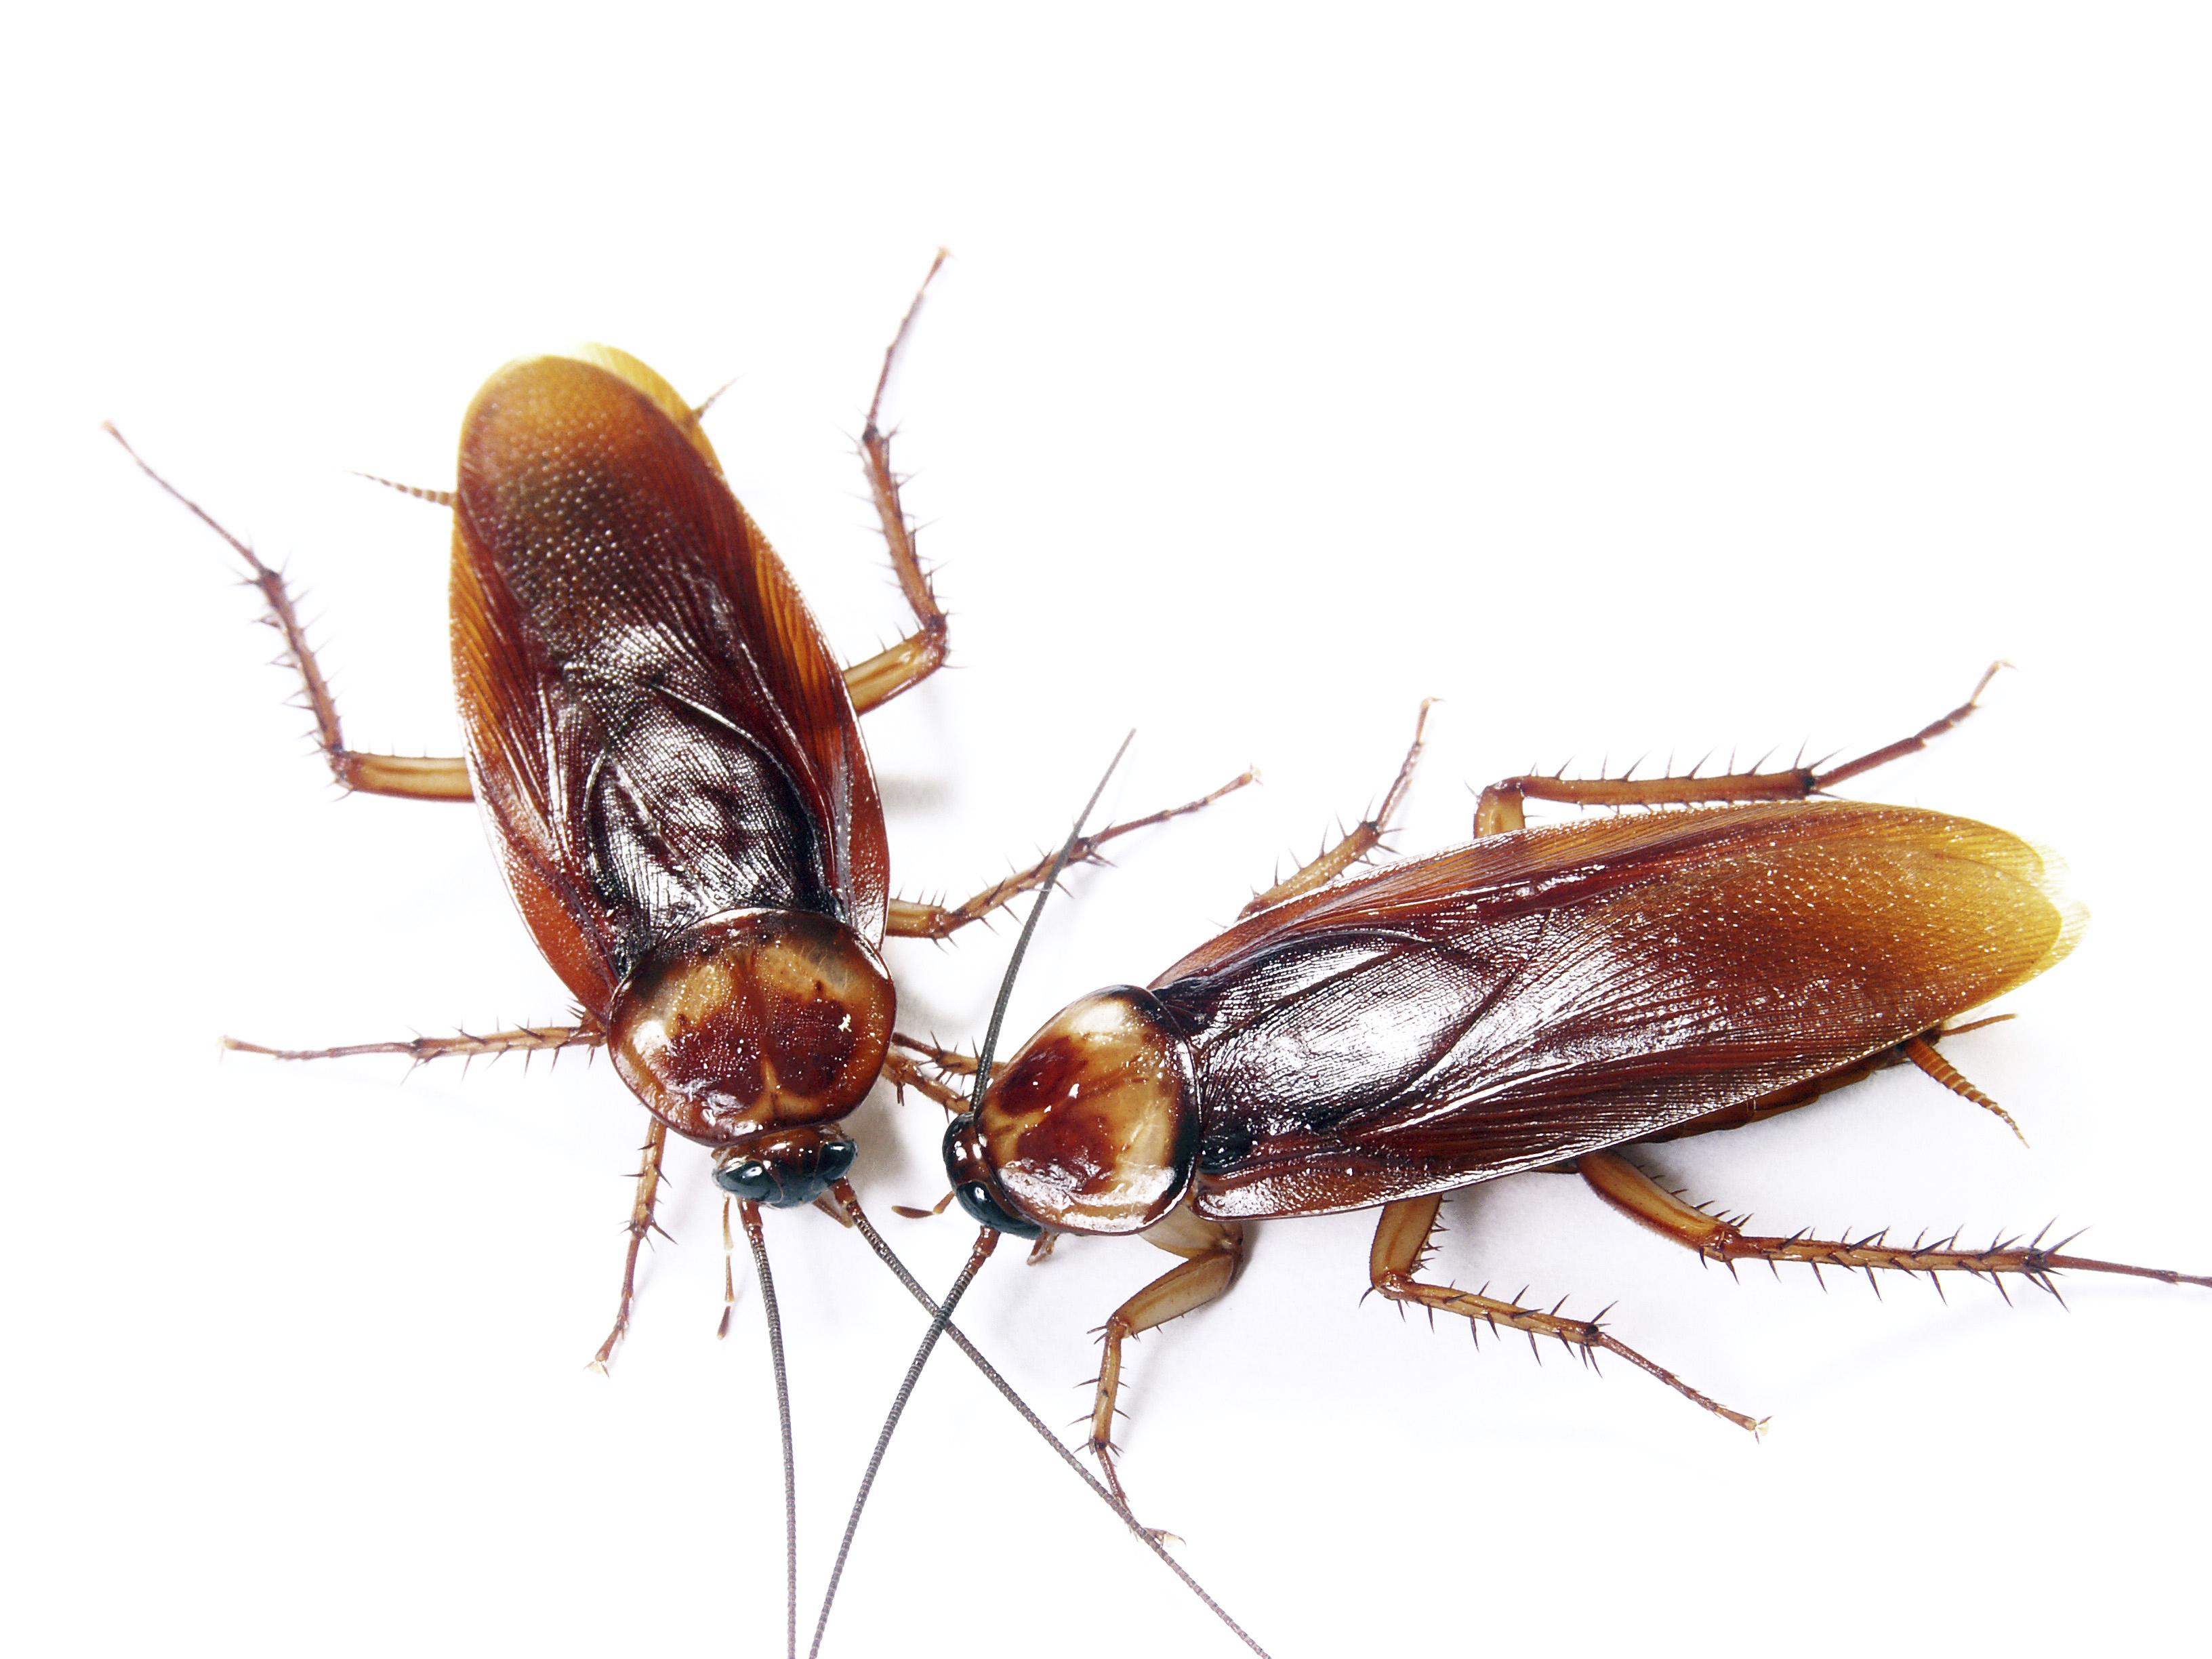 Cockroaches | Fort Wayne Allen County Department of Health